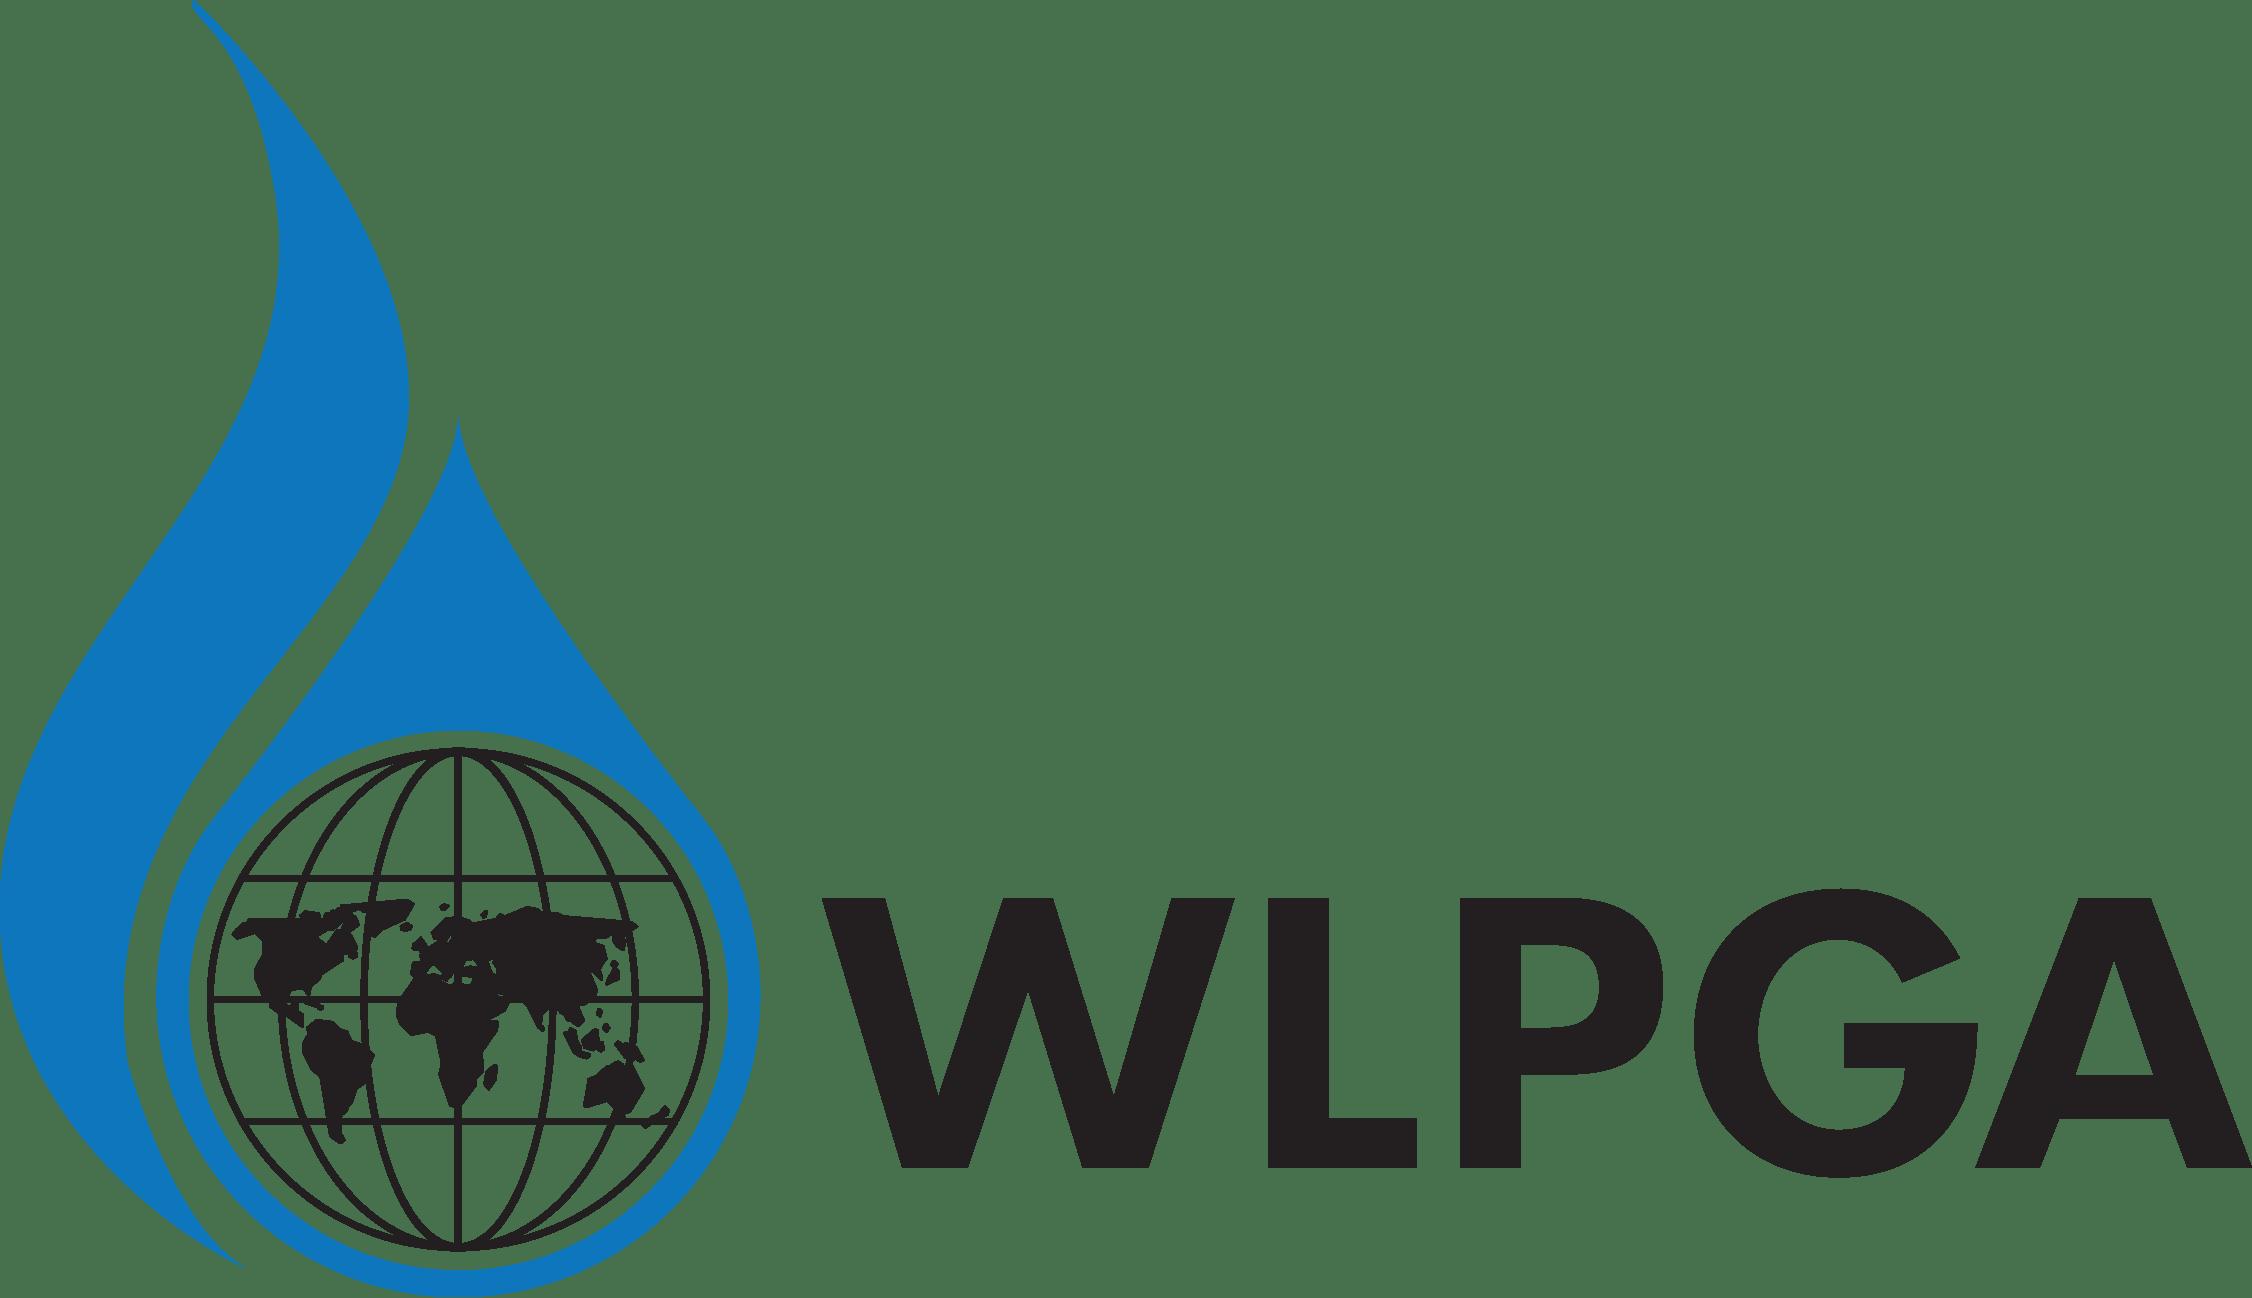 WLPGA-logo.png